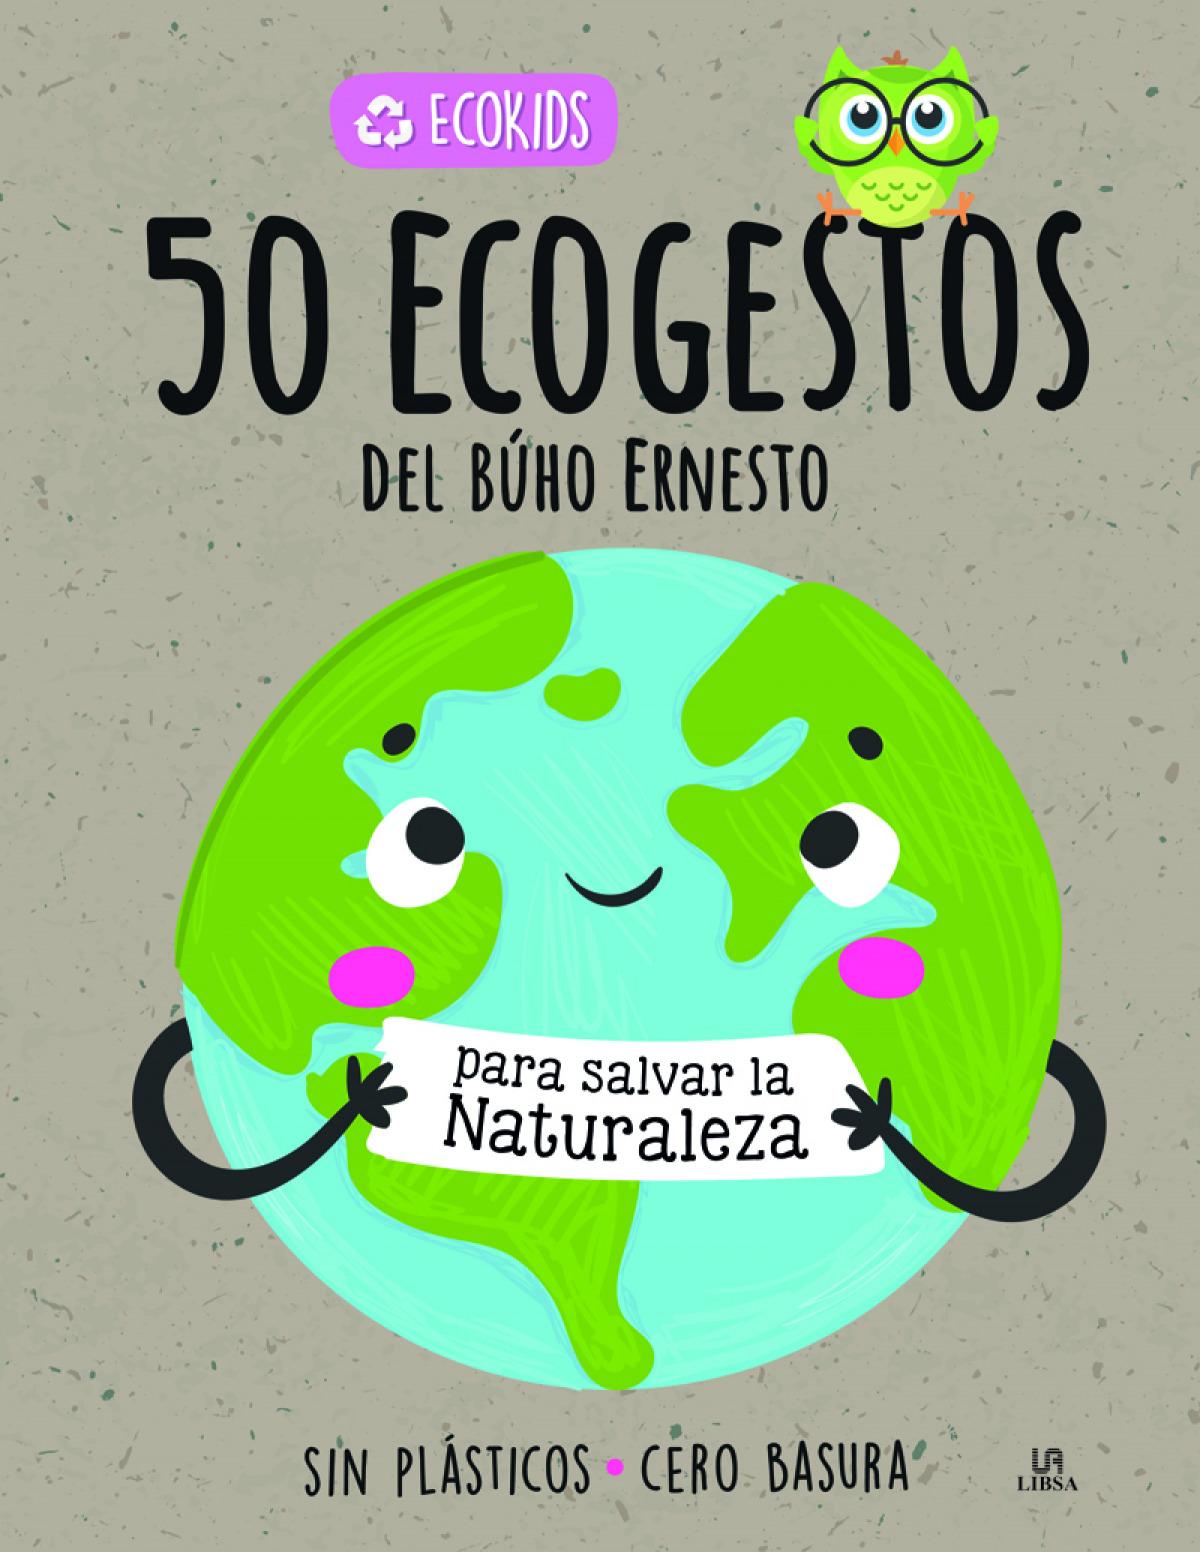 50 Ecogestos del Búho Ernesto